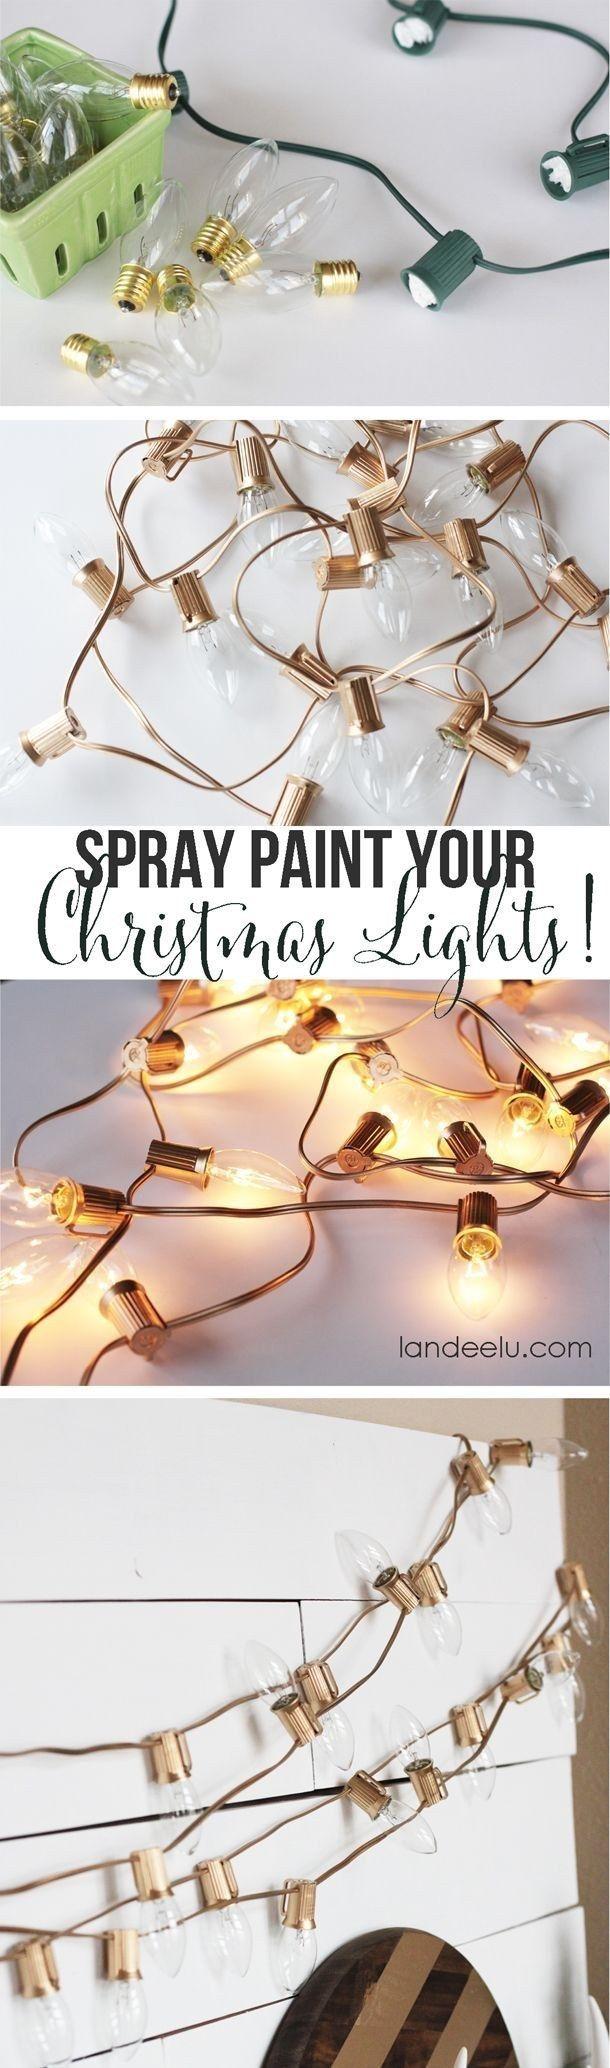 Un spray para pintar lámparas verdes festivas de dorado y obtener un aspecto súper refinado. | 19 Maneras súper acogedoras de utilizar cadenas de luces en tu casa